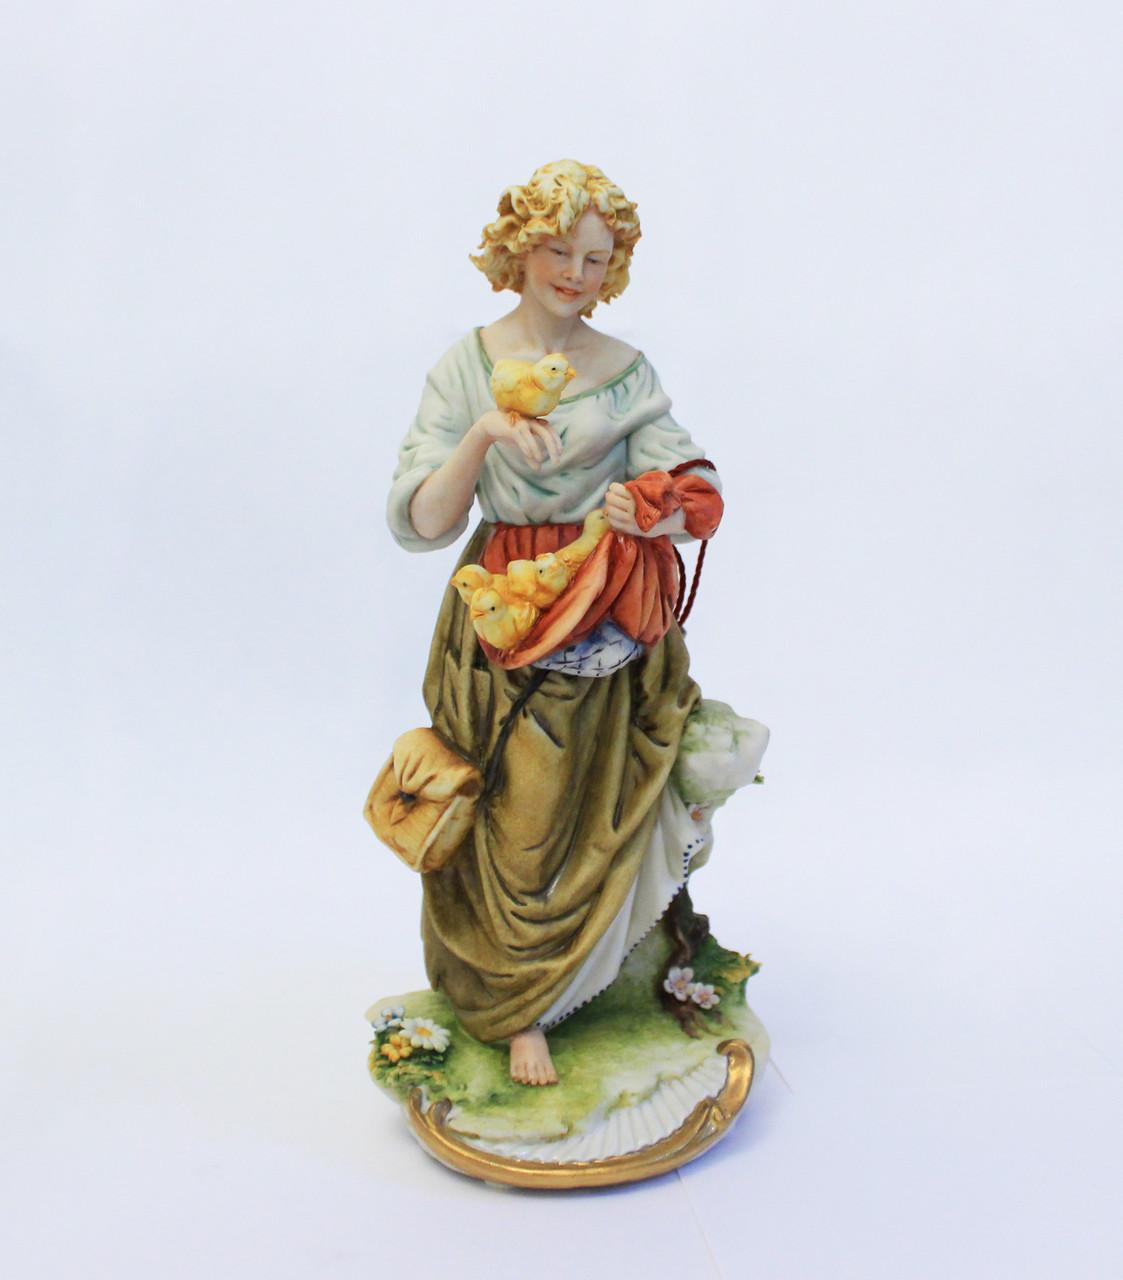 Фарфоровая статуэтка Птичница. Ручная работа, Италия